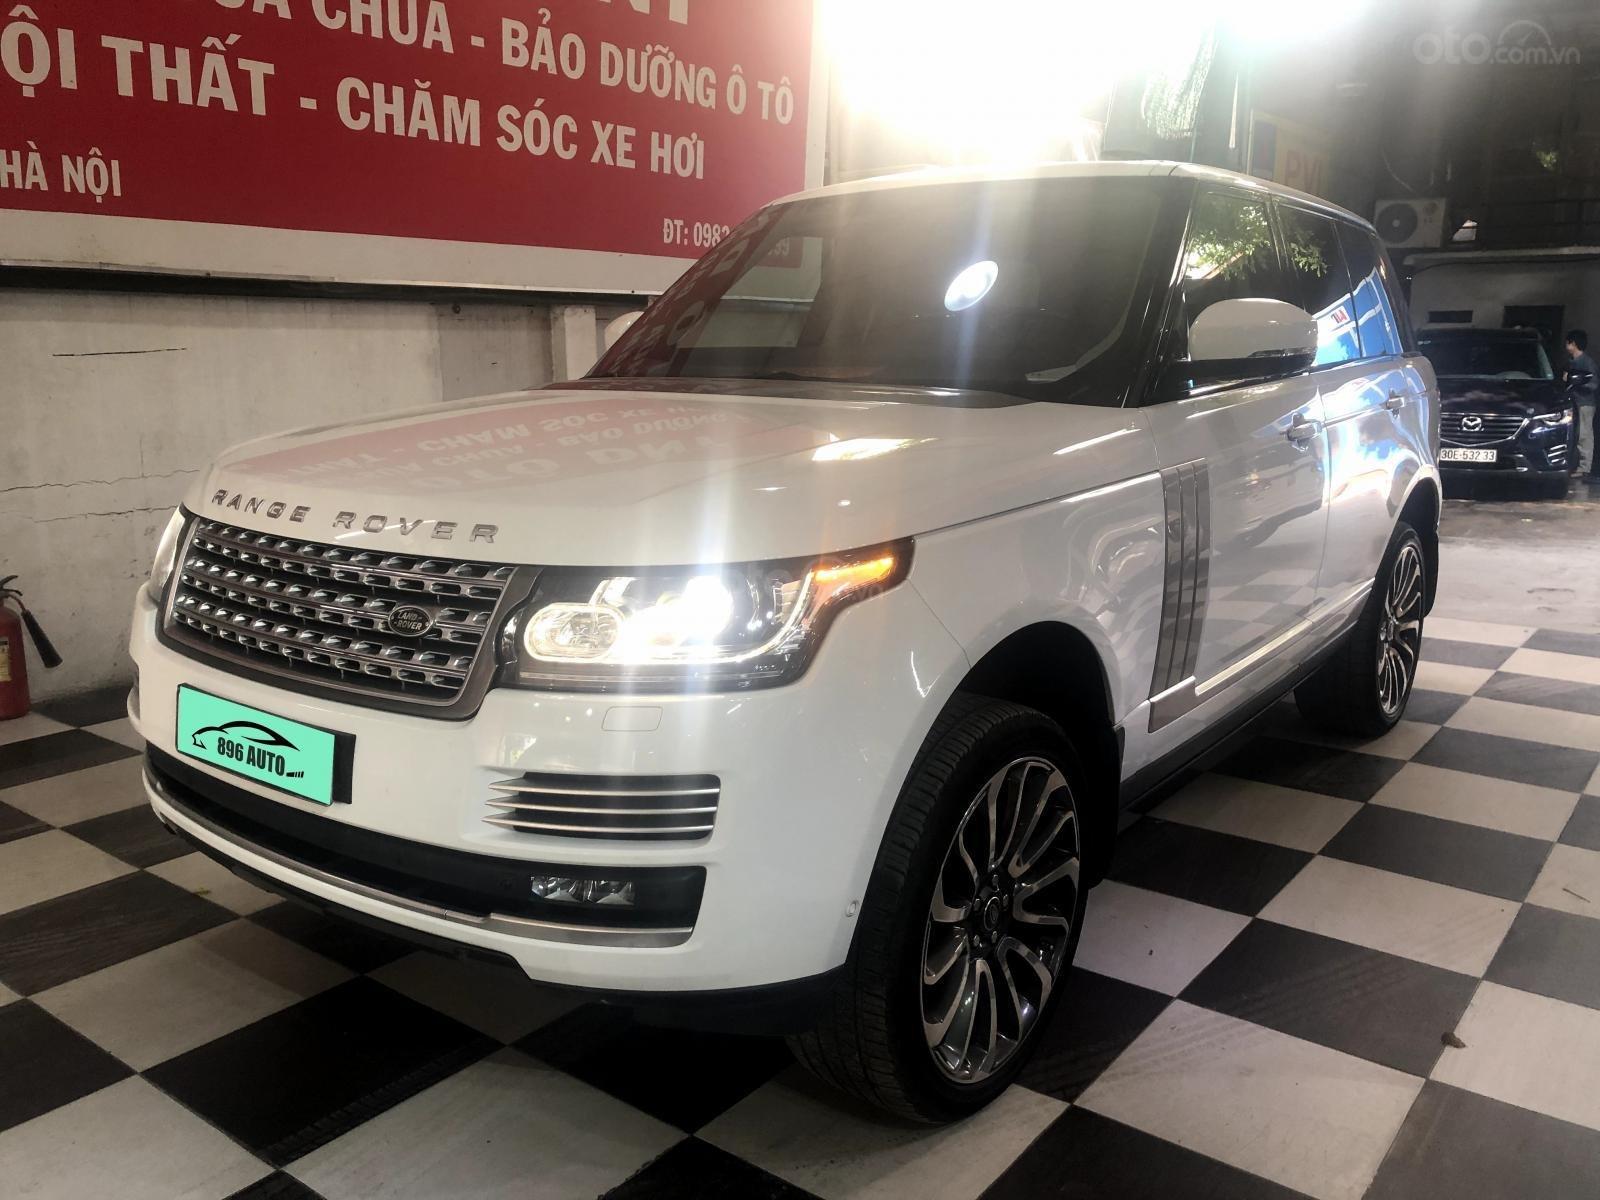 Giao ngay LandRover Range Rover 5.0L đời 2015, màu trắng da bò, uy tín giá tốt (2)